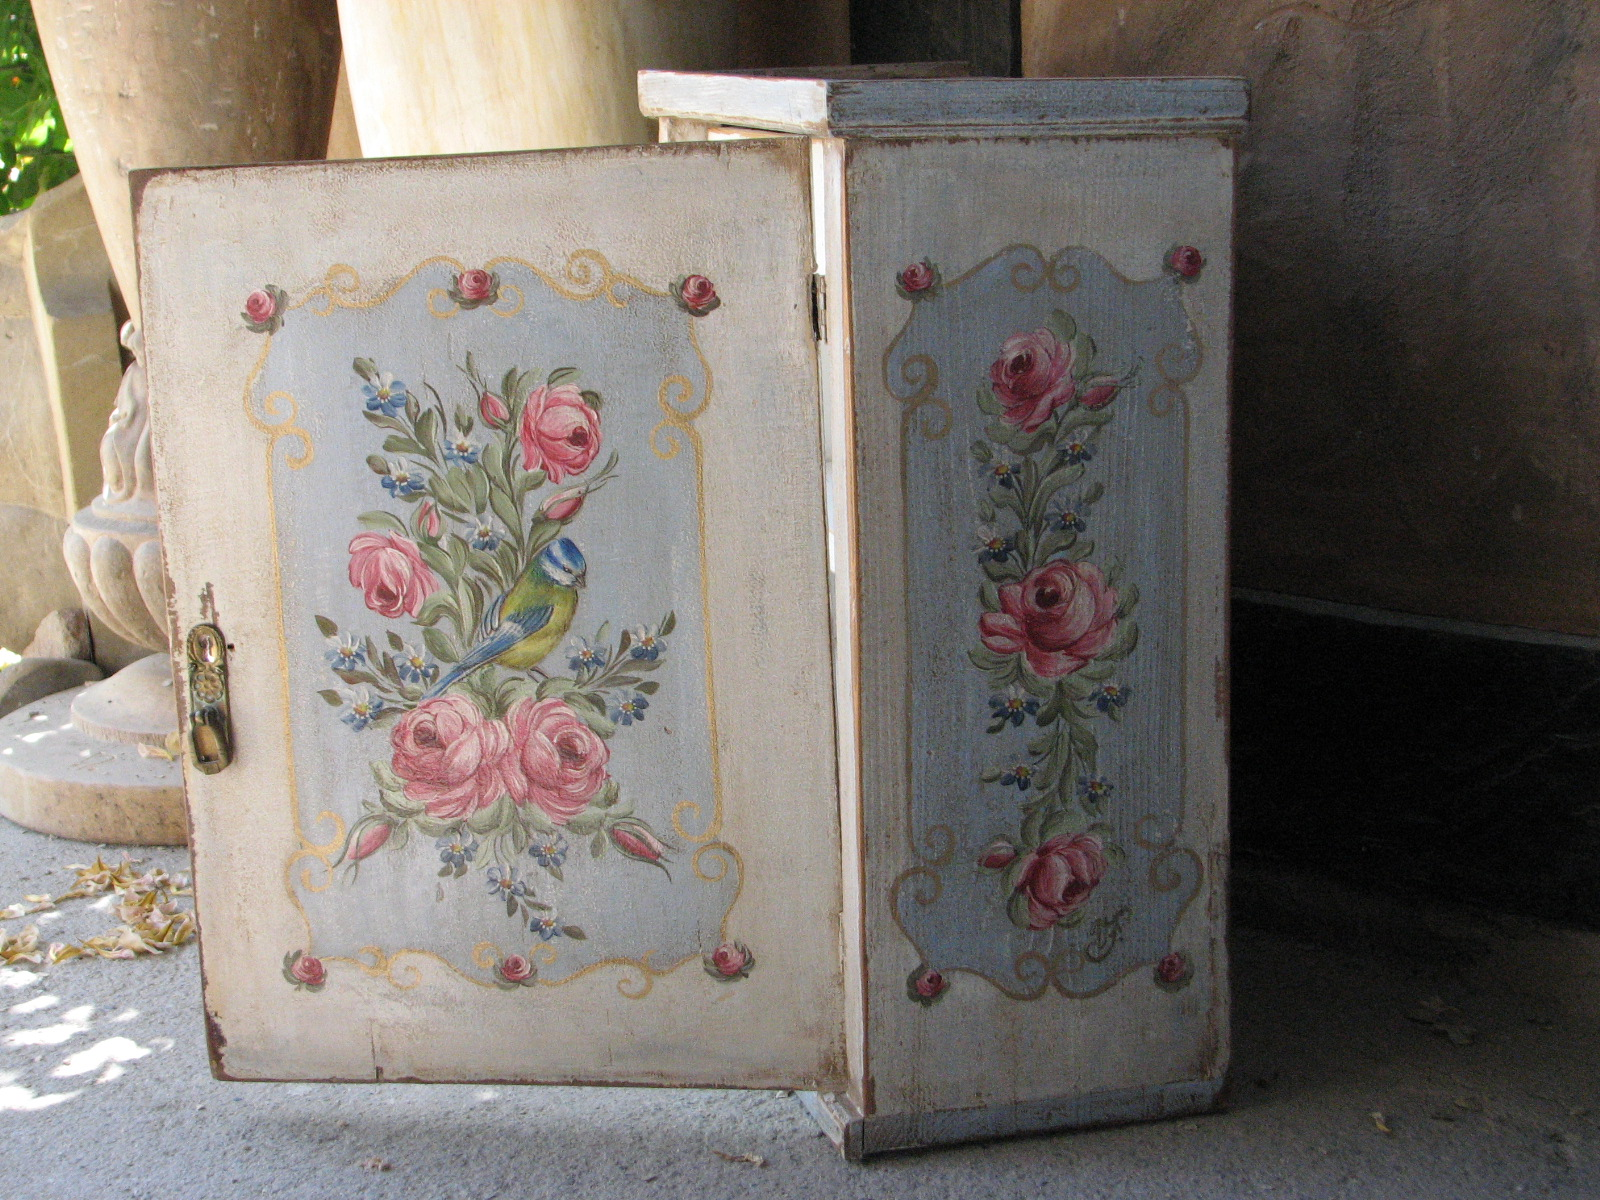 Závěsná malovaná skříňka - lékárnička s růžemi a sýkorkou pravý bok